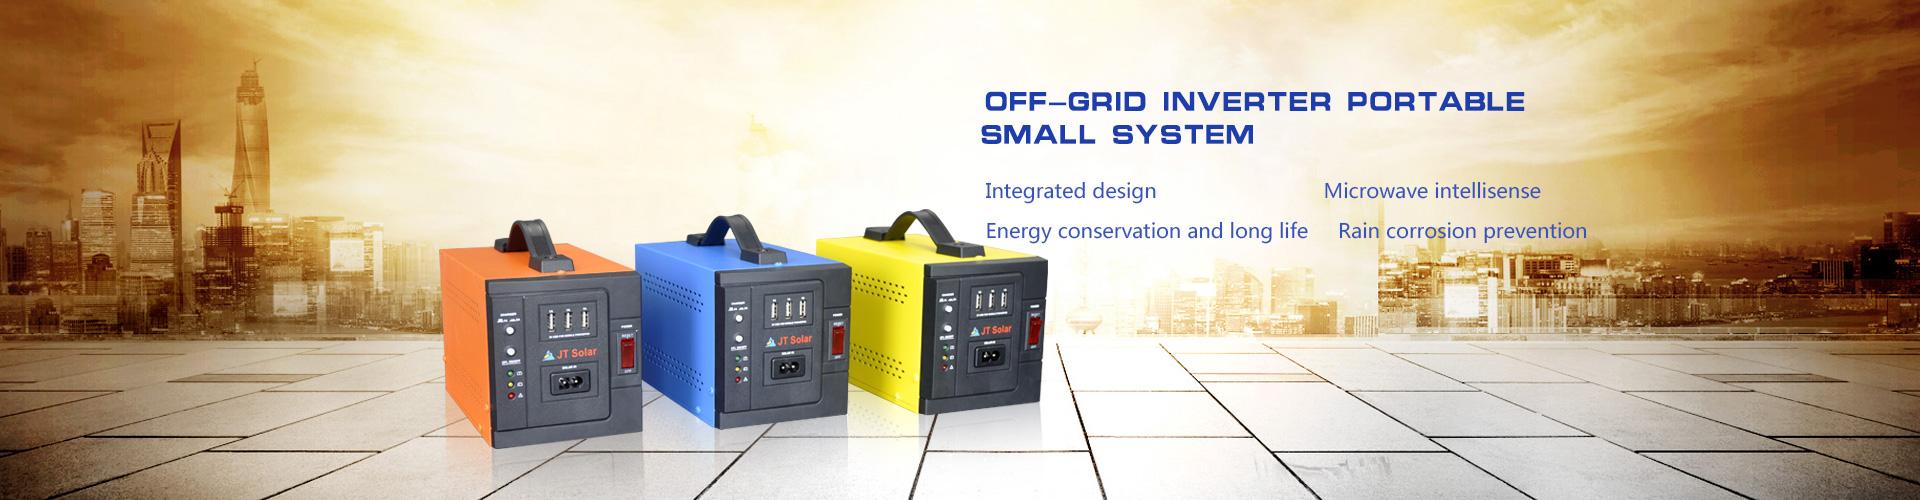 Off-grid inverter portable